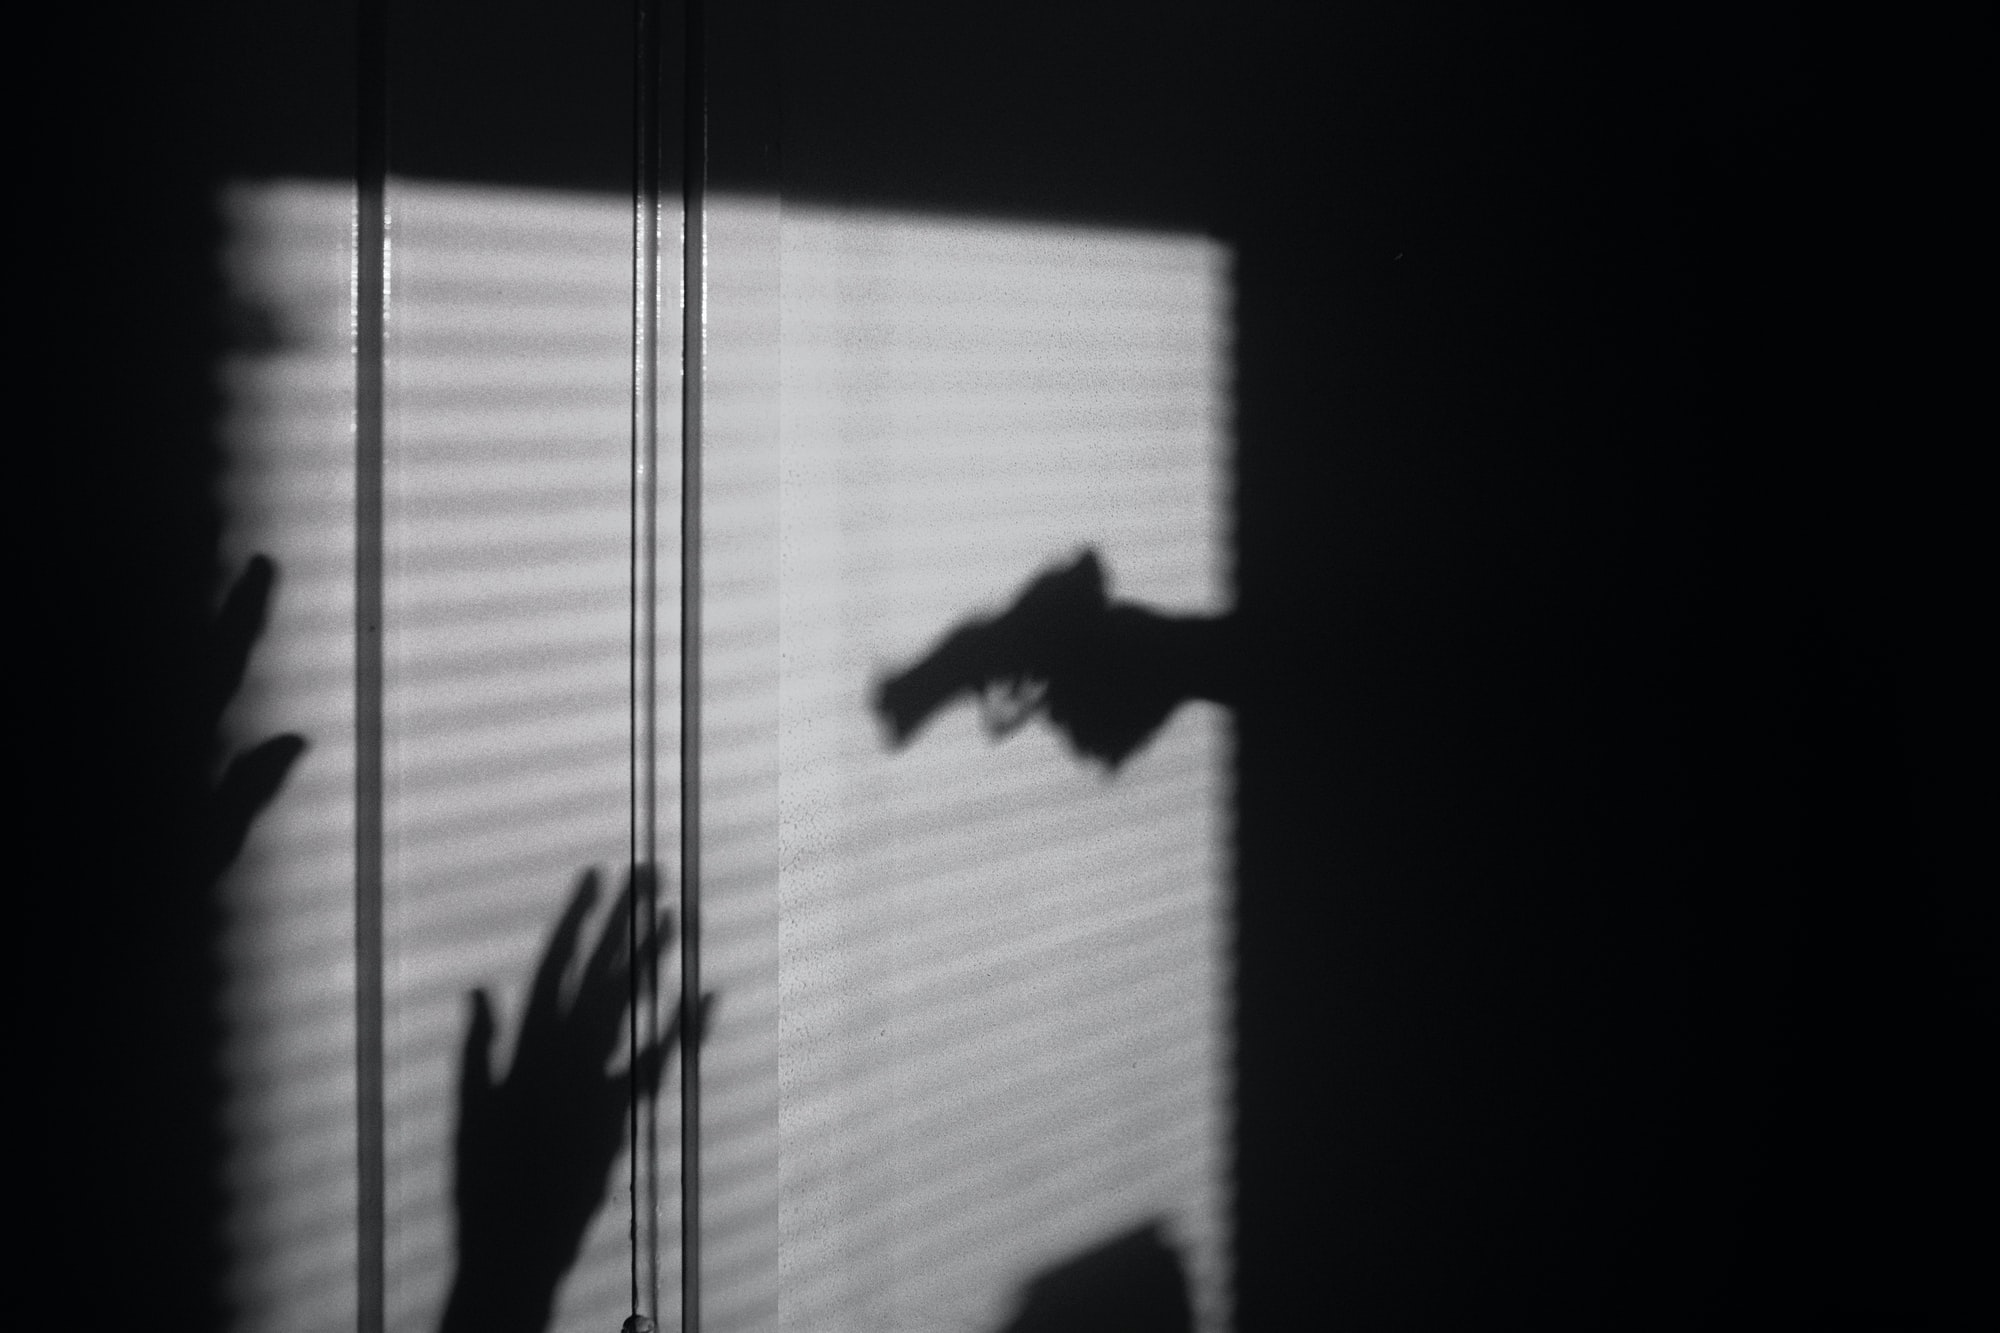 Held at gunpoint